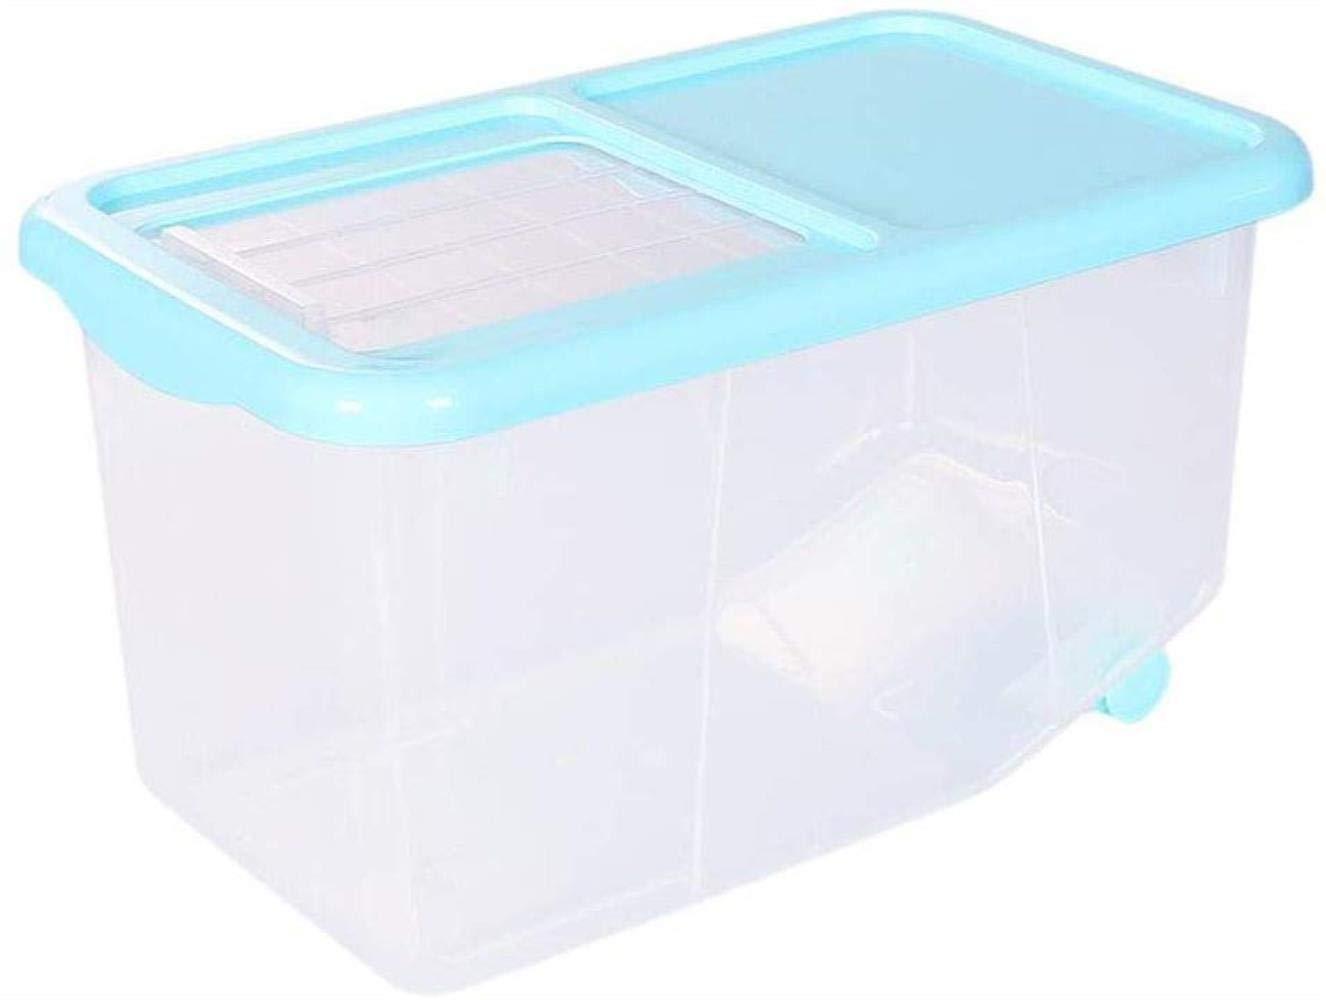 Full Size of Schn Rice Bokche Reis Eimer Lagerung Mit Deckel Aufbewahrungsbehälter Küche Küchen Regal Wohnzimmer Küchen Aufbewahrungsbehälter